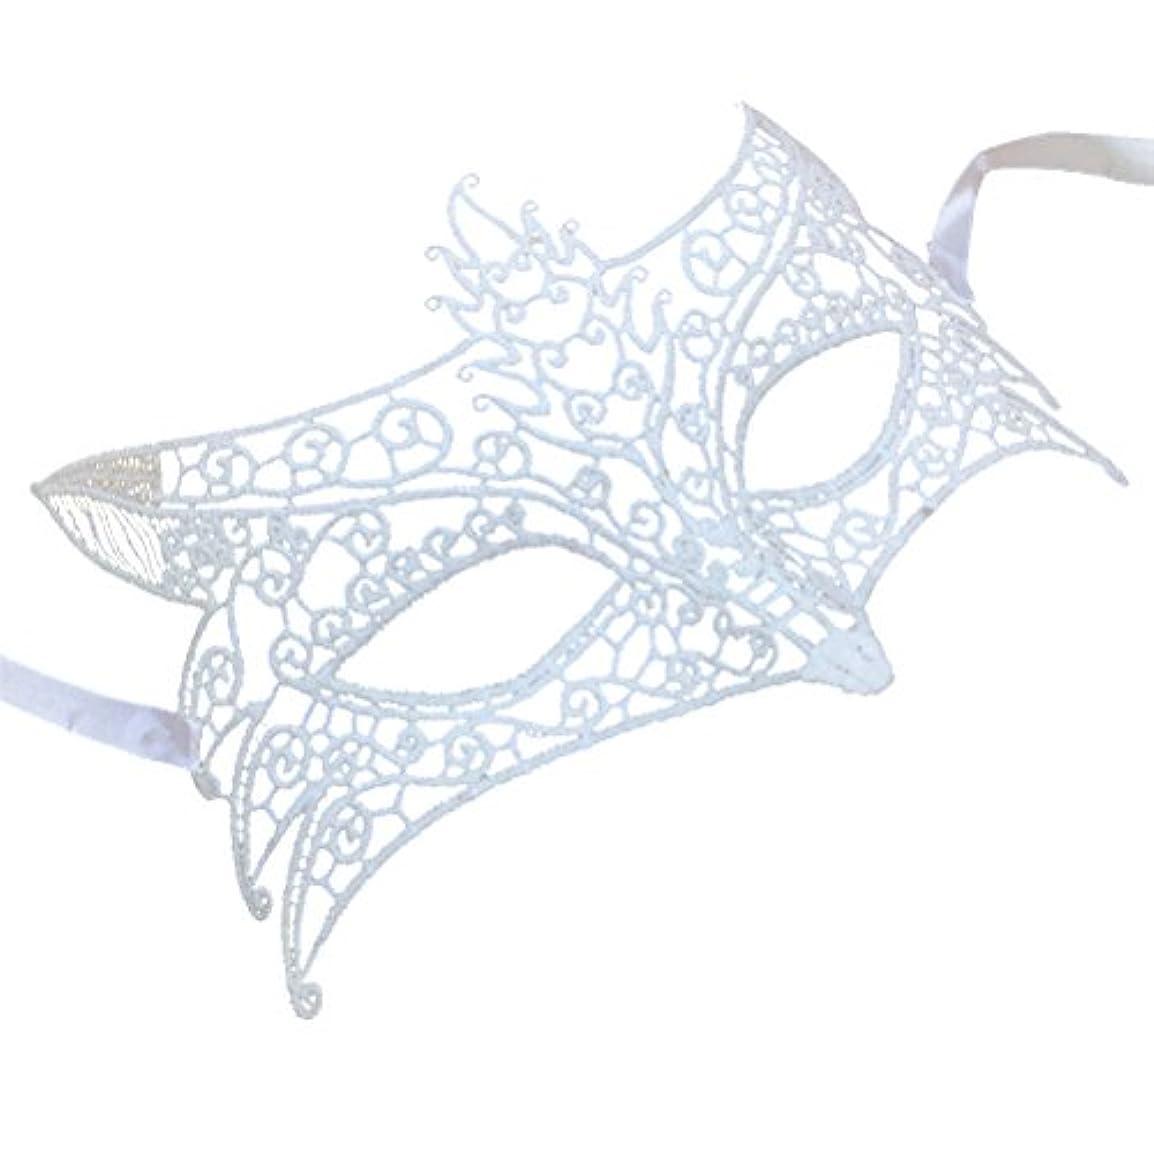 コマンドトレッド平行AMOSFUN キツネの形をしたレースパーティーマスクイブニングパーティーウエディングマスカレードマスク(ホワイト)